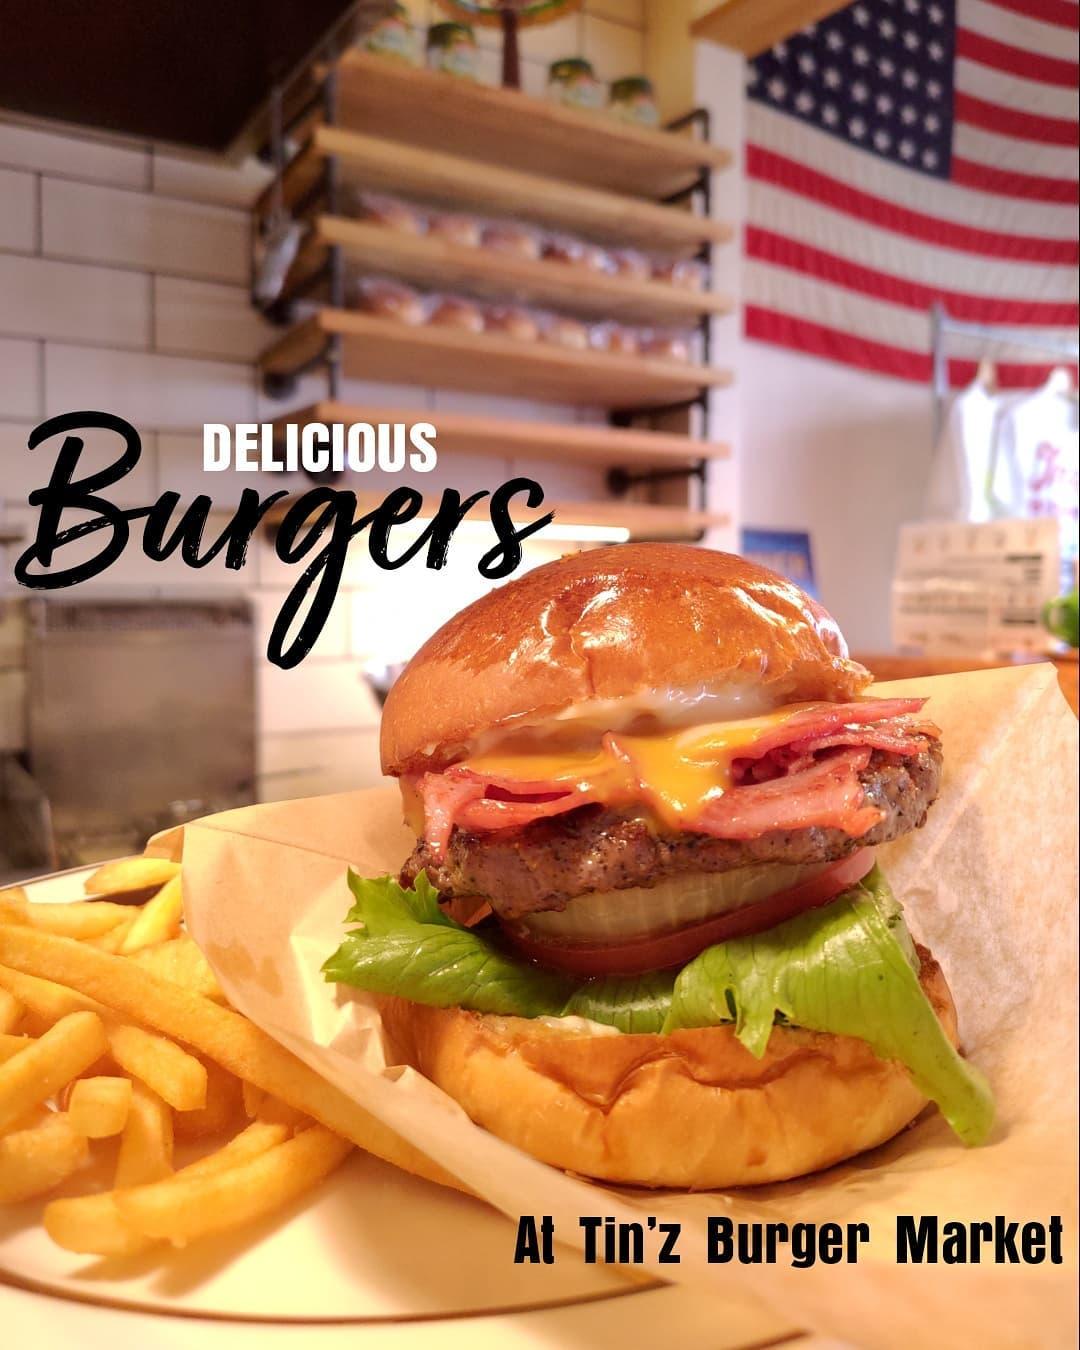 高崎のグルメバーガー店でランチ。 アイルズハウス施工のTHE SANDWICH CLUBは姉妹店です。 #burger #humberger #グルメバーガー #ハンバーガー